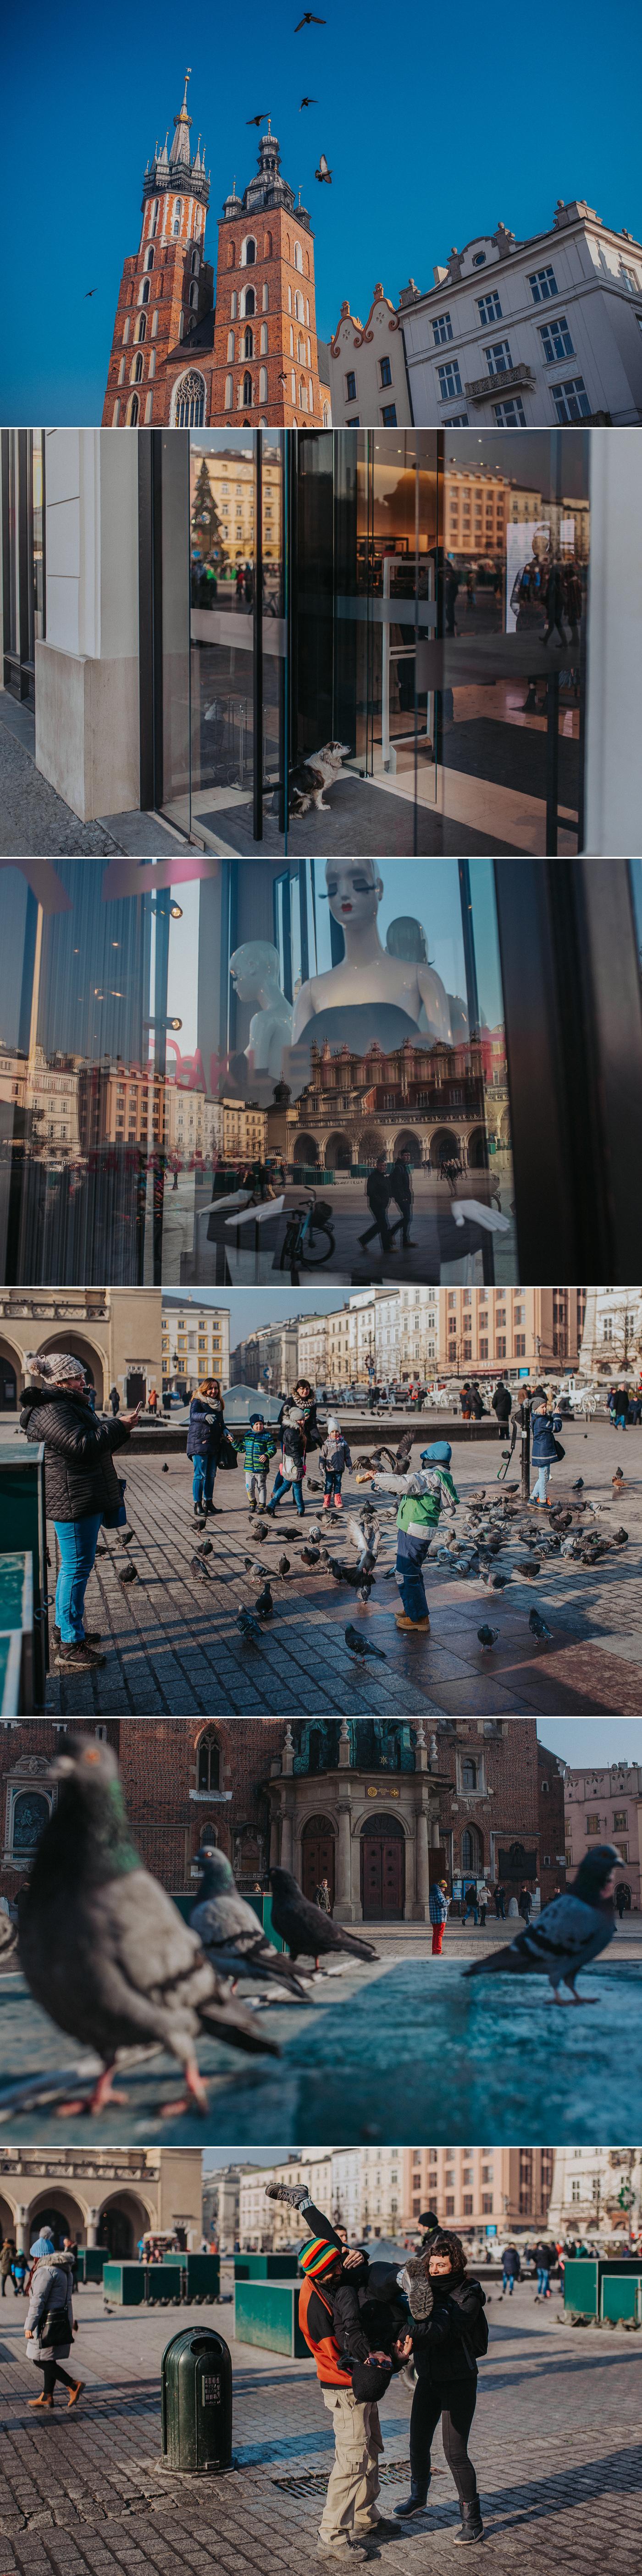 krakow_street_02